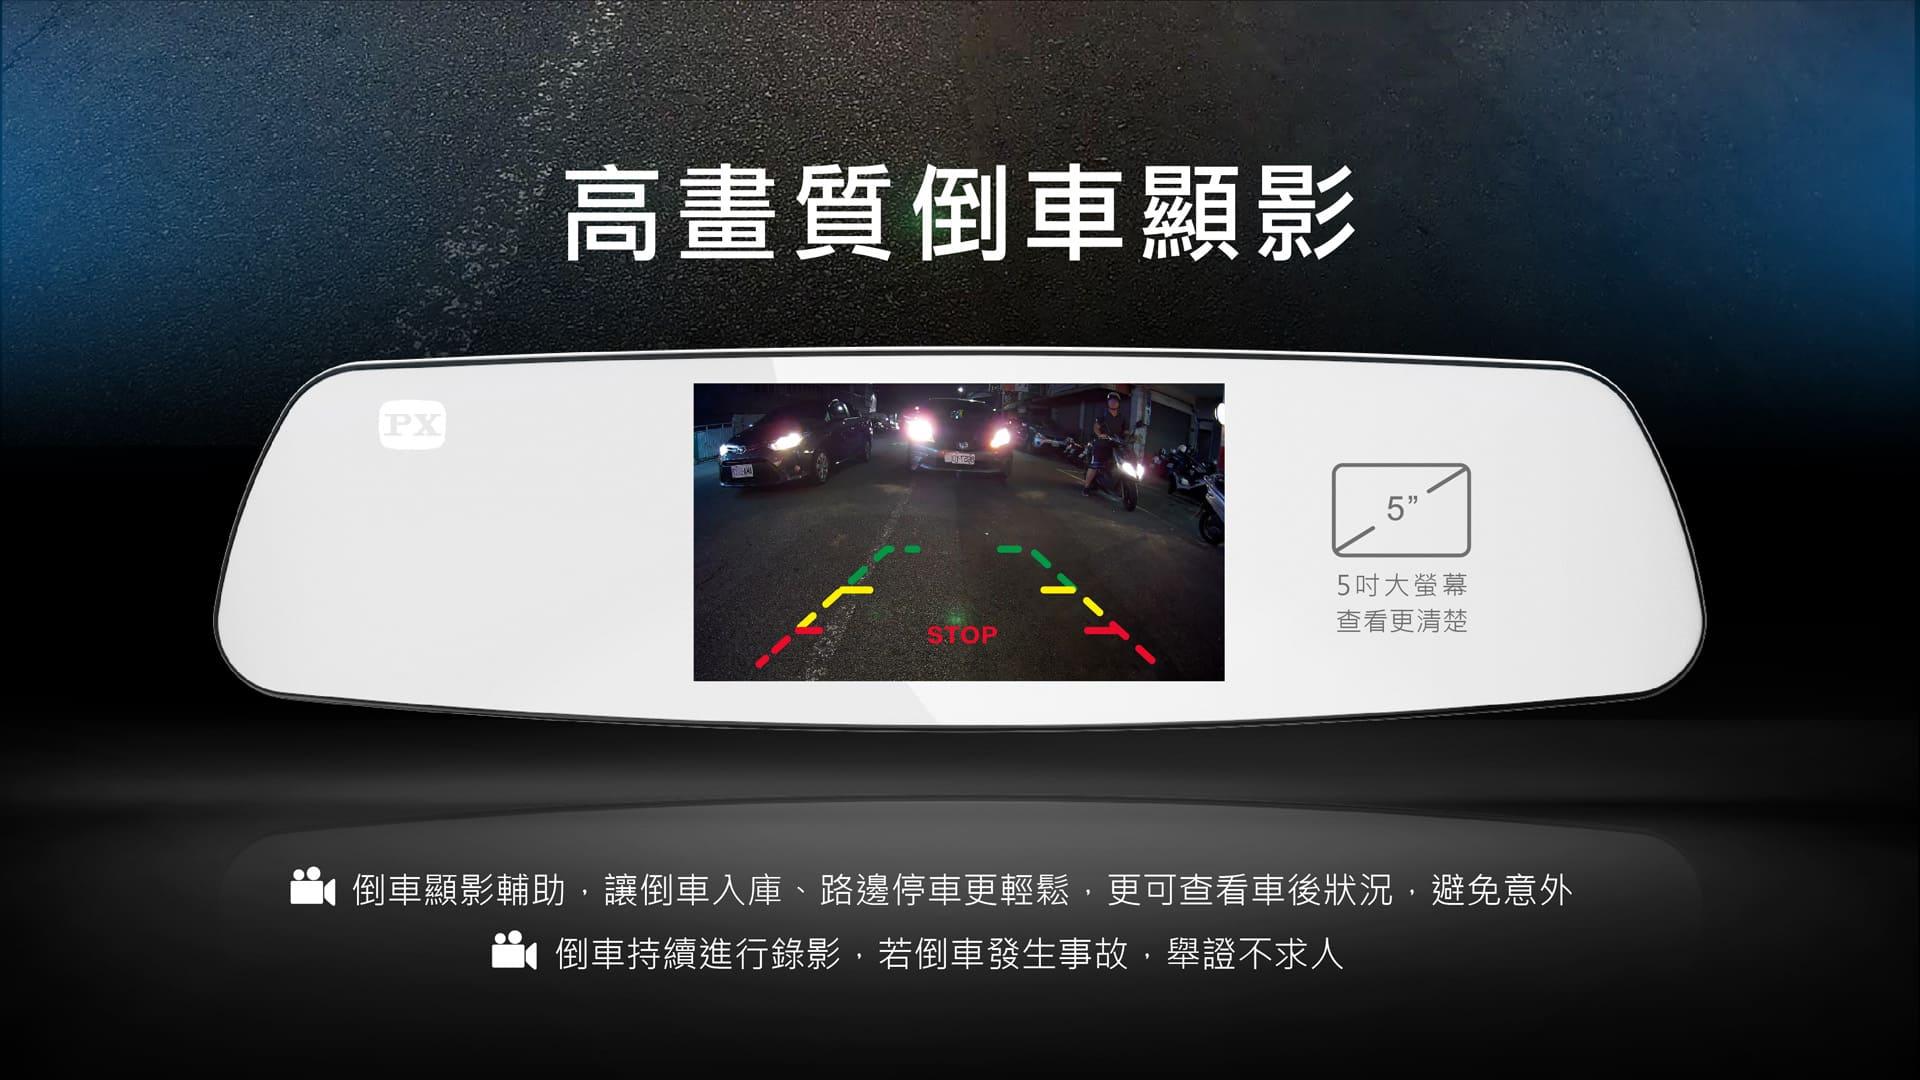 proimages/product/Dash_Cam/V90/V90-0925_09.jpg